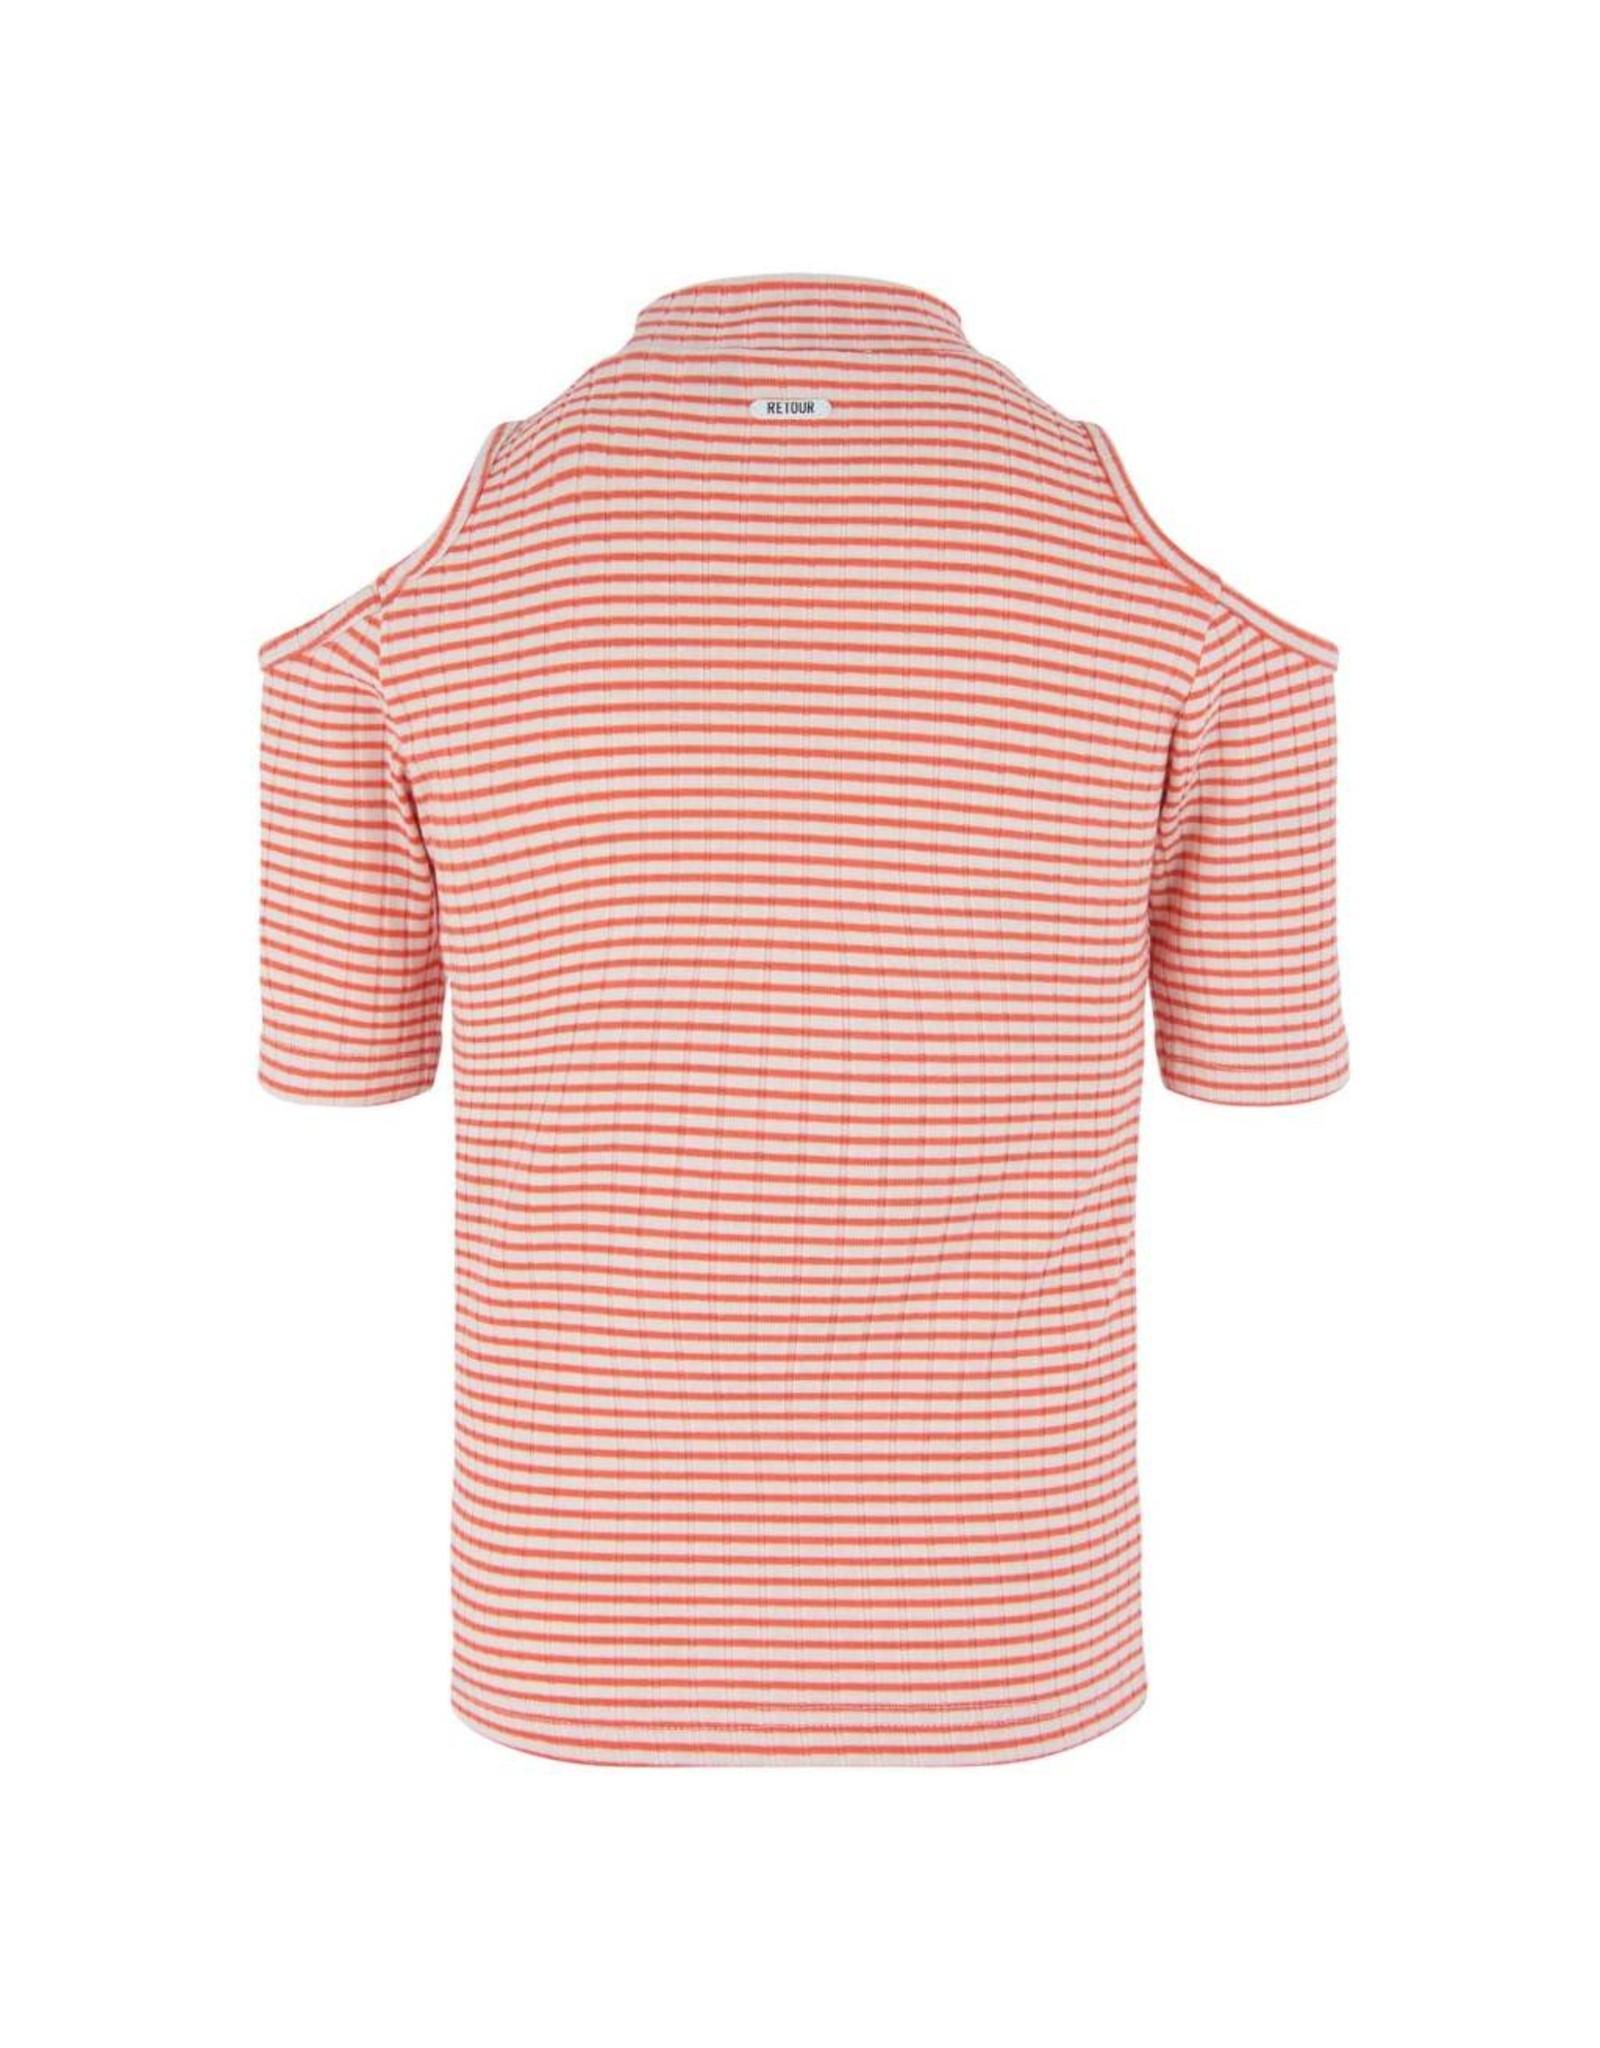 RETOUR RETOUR meiden shirt Lois